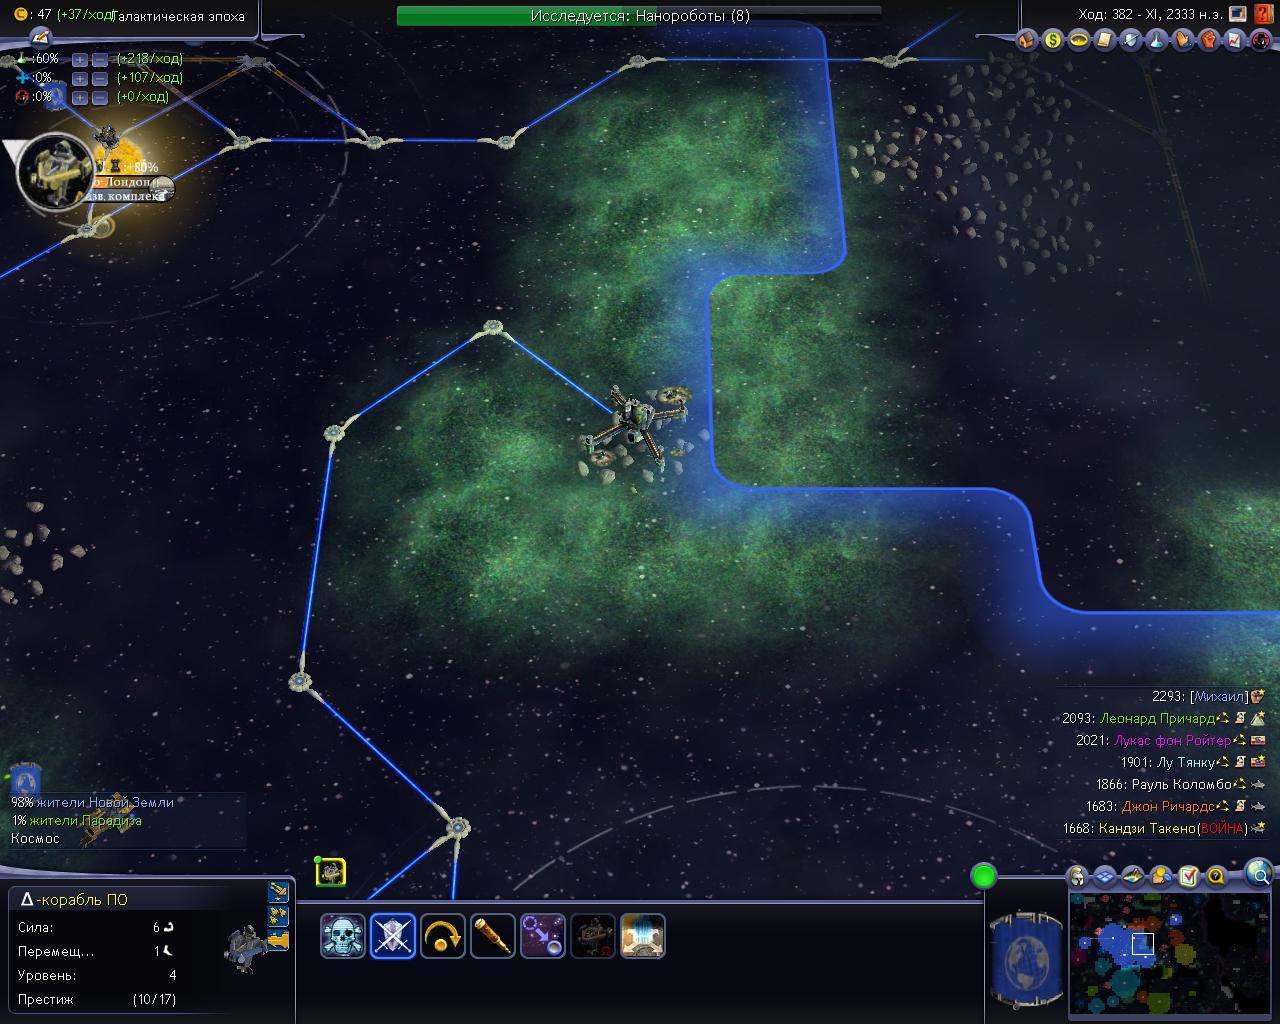 Как сделать космический корабль в civilization v